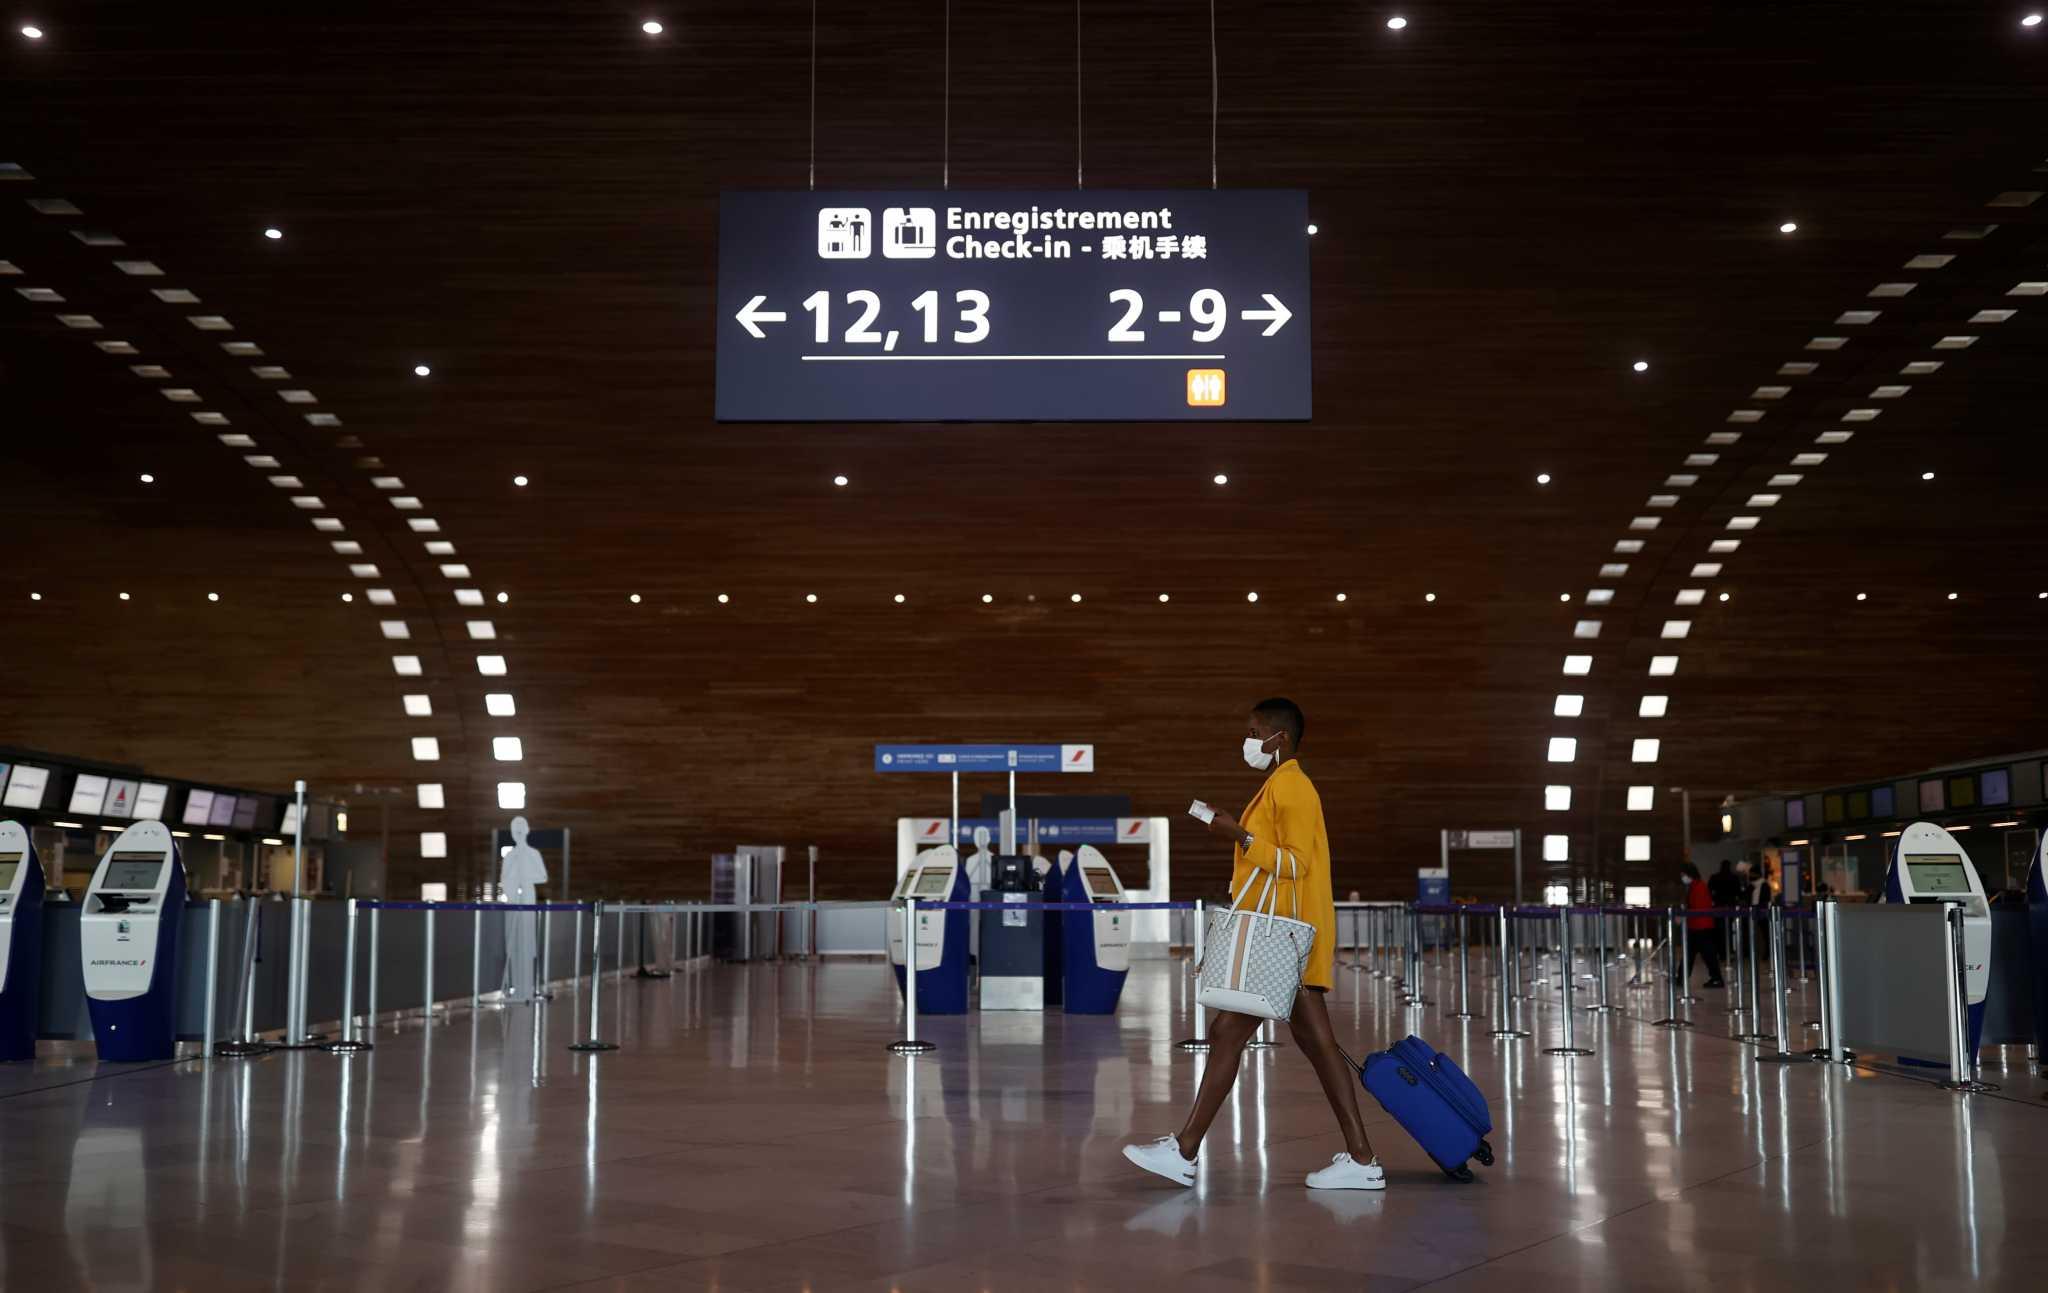 Γαλλία: Πρόστιμο 1.500 ευρώ για τους ταξιδιώτες που «σπάνε» την καραντίνα